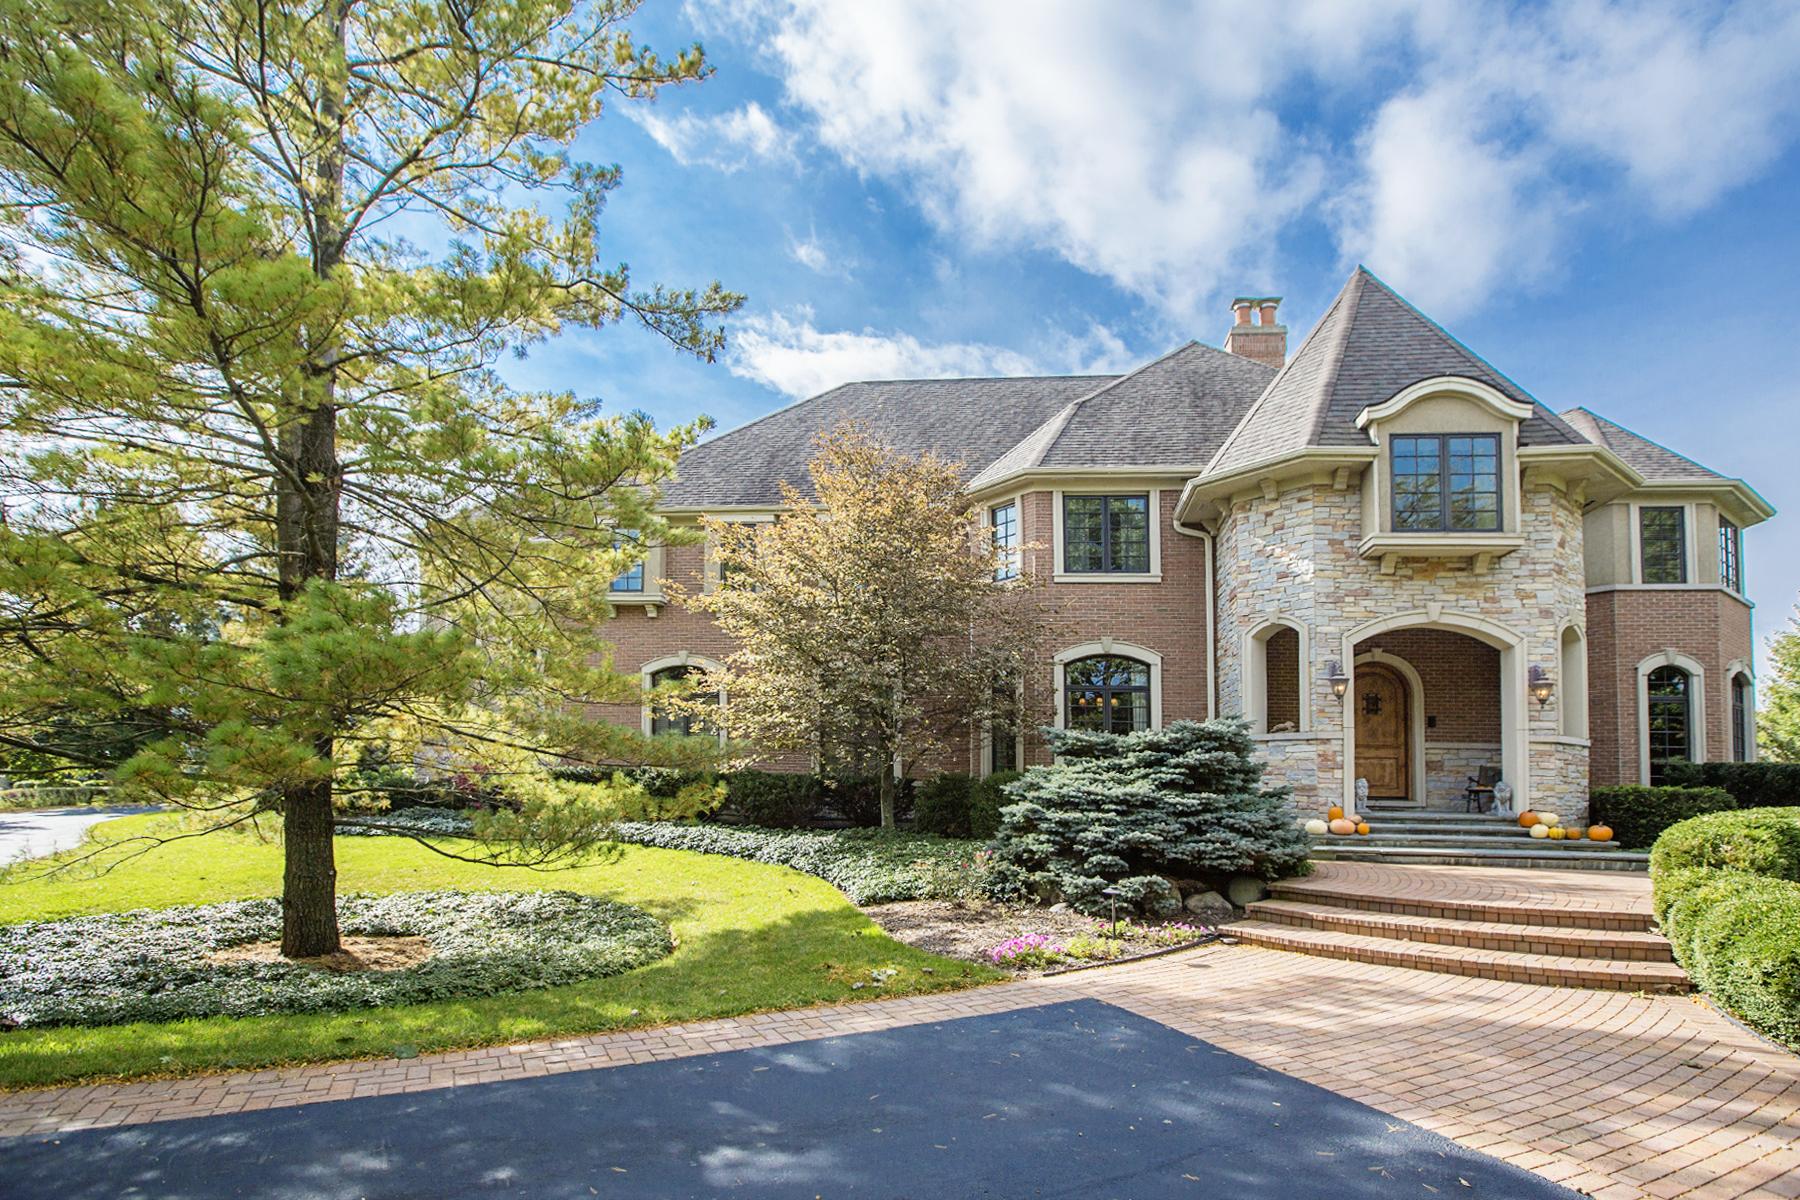 Nhà ở một gia đình vì Bán tại The Estate at 16 Vandenbergh 16 Vandenbergh Drive South Barrington, Illinois 60010 Hoa Kỳ